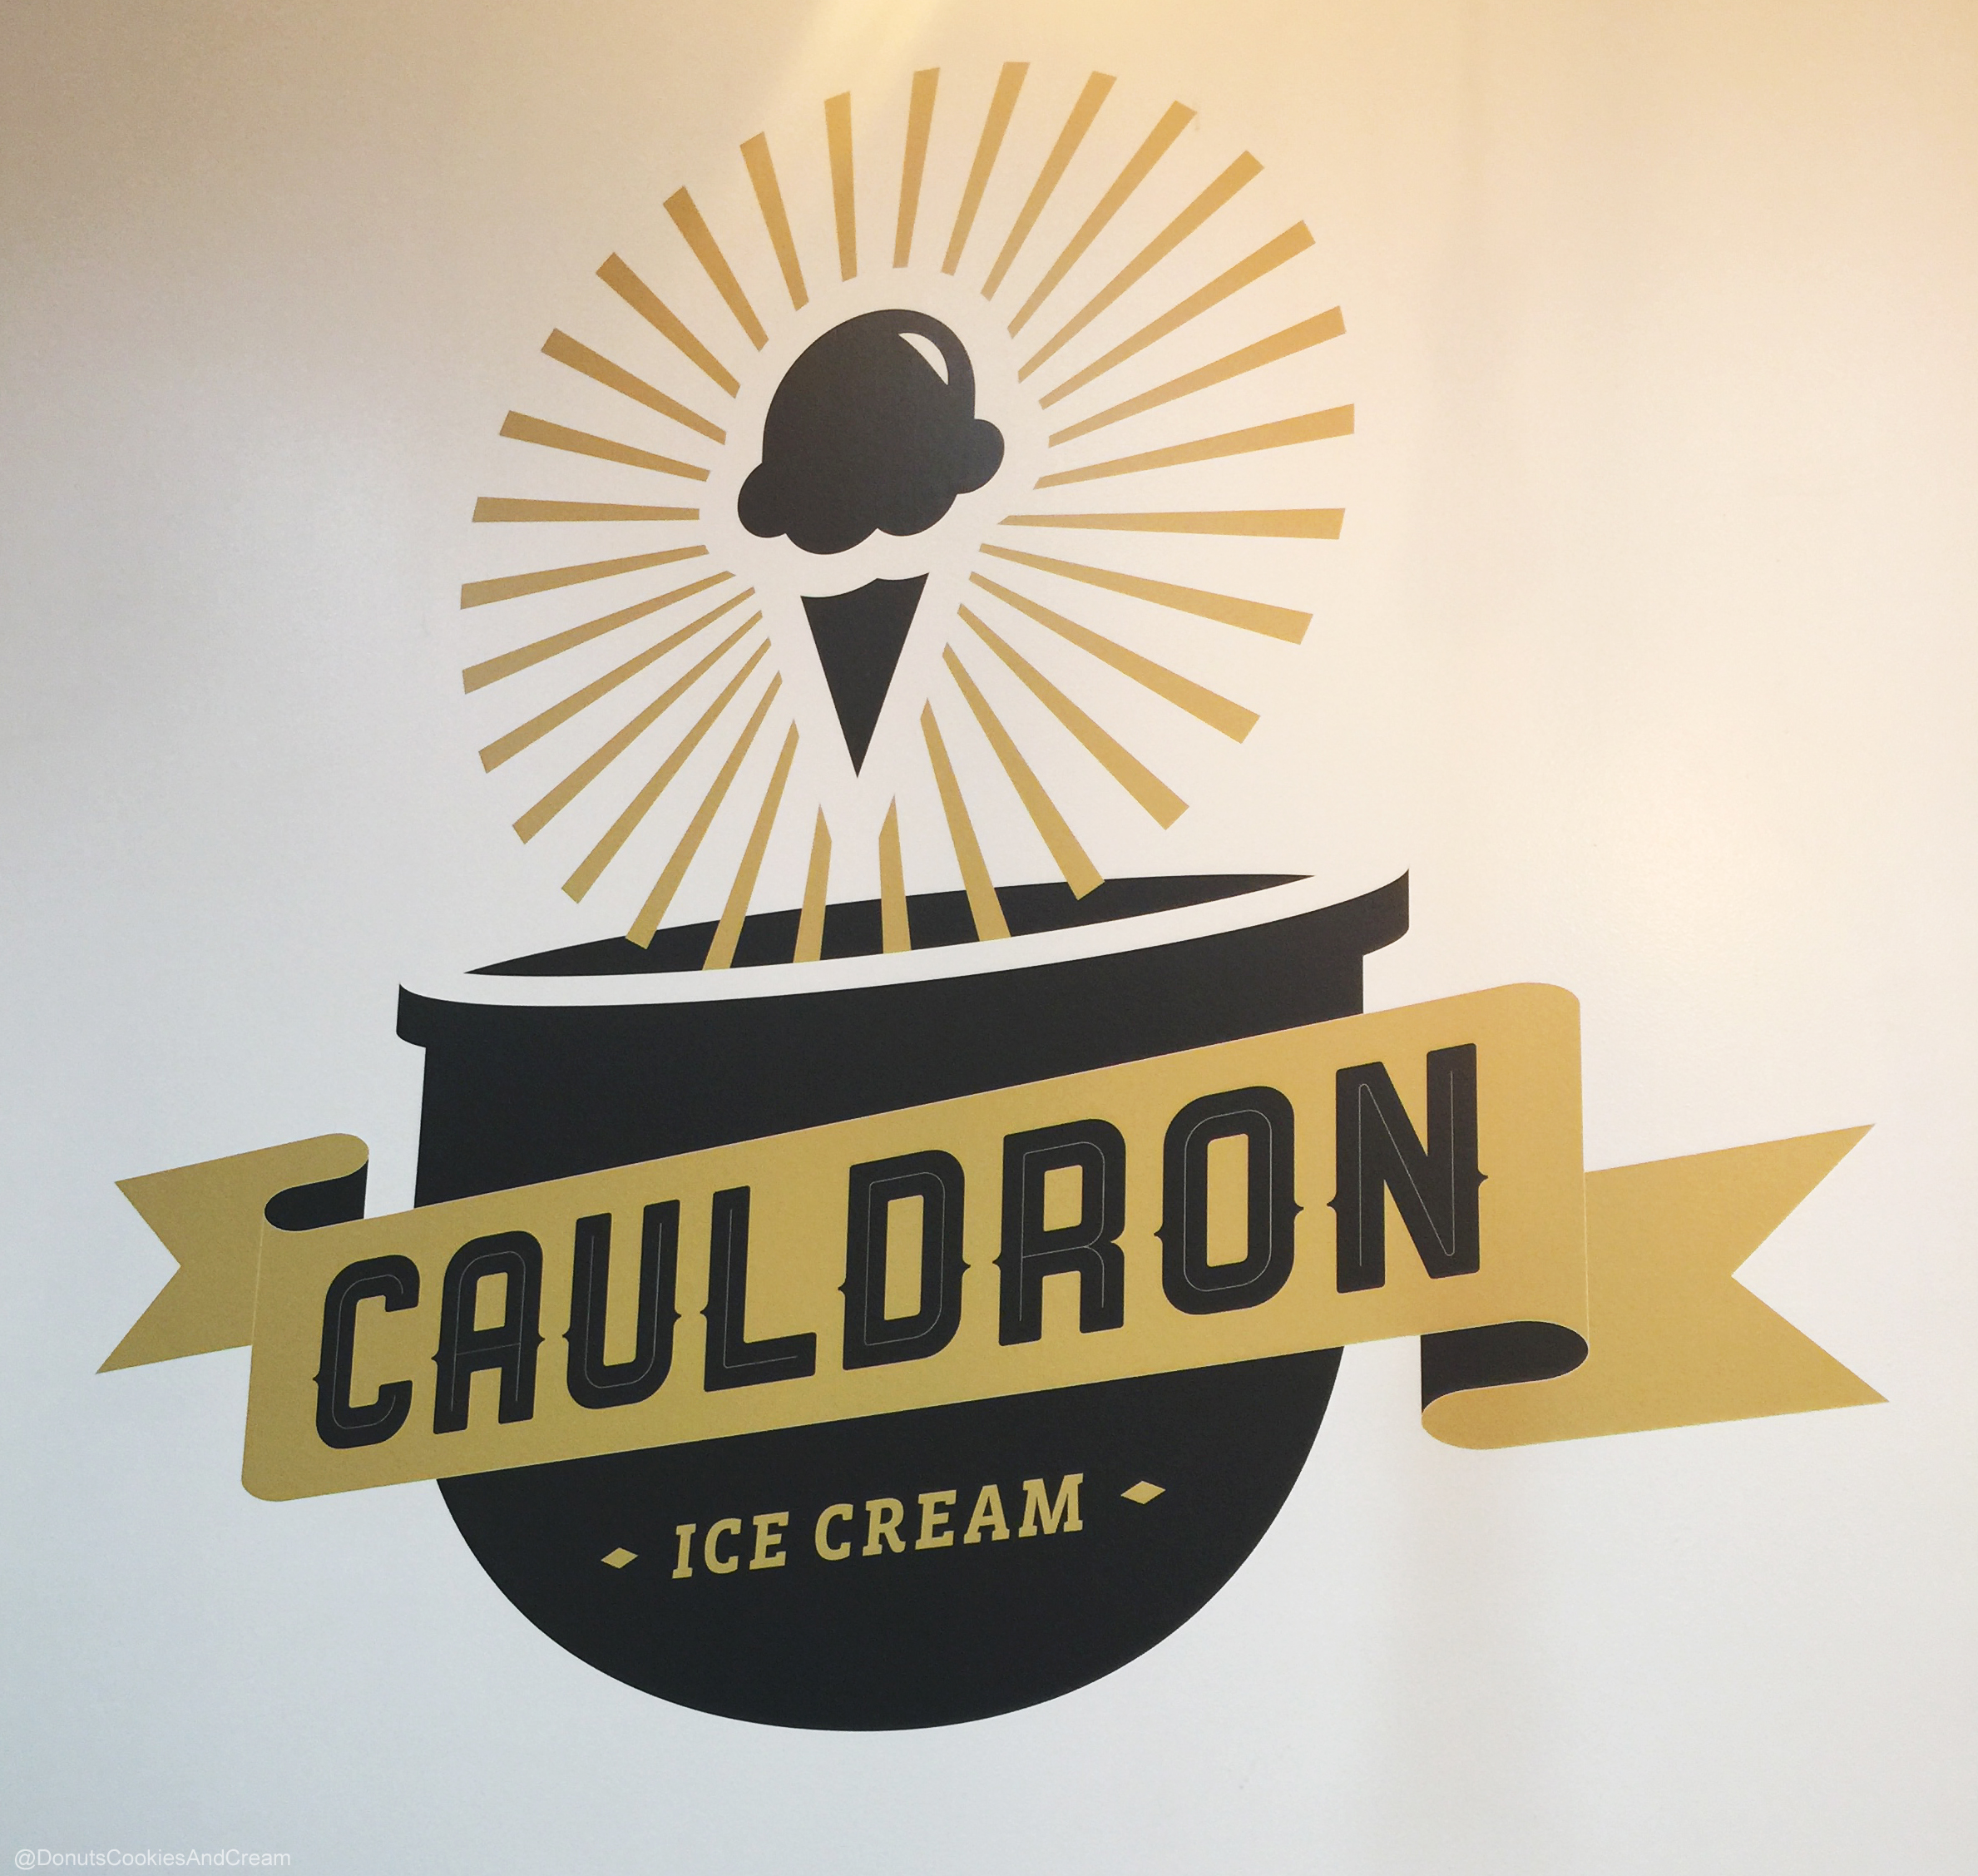 Cauldron7 Stirring Up Ice Cream at Cauldron Ice Cream | Costa Mesa, CA